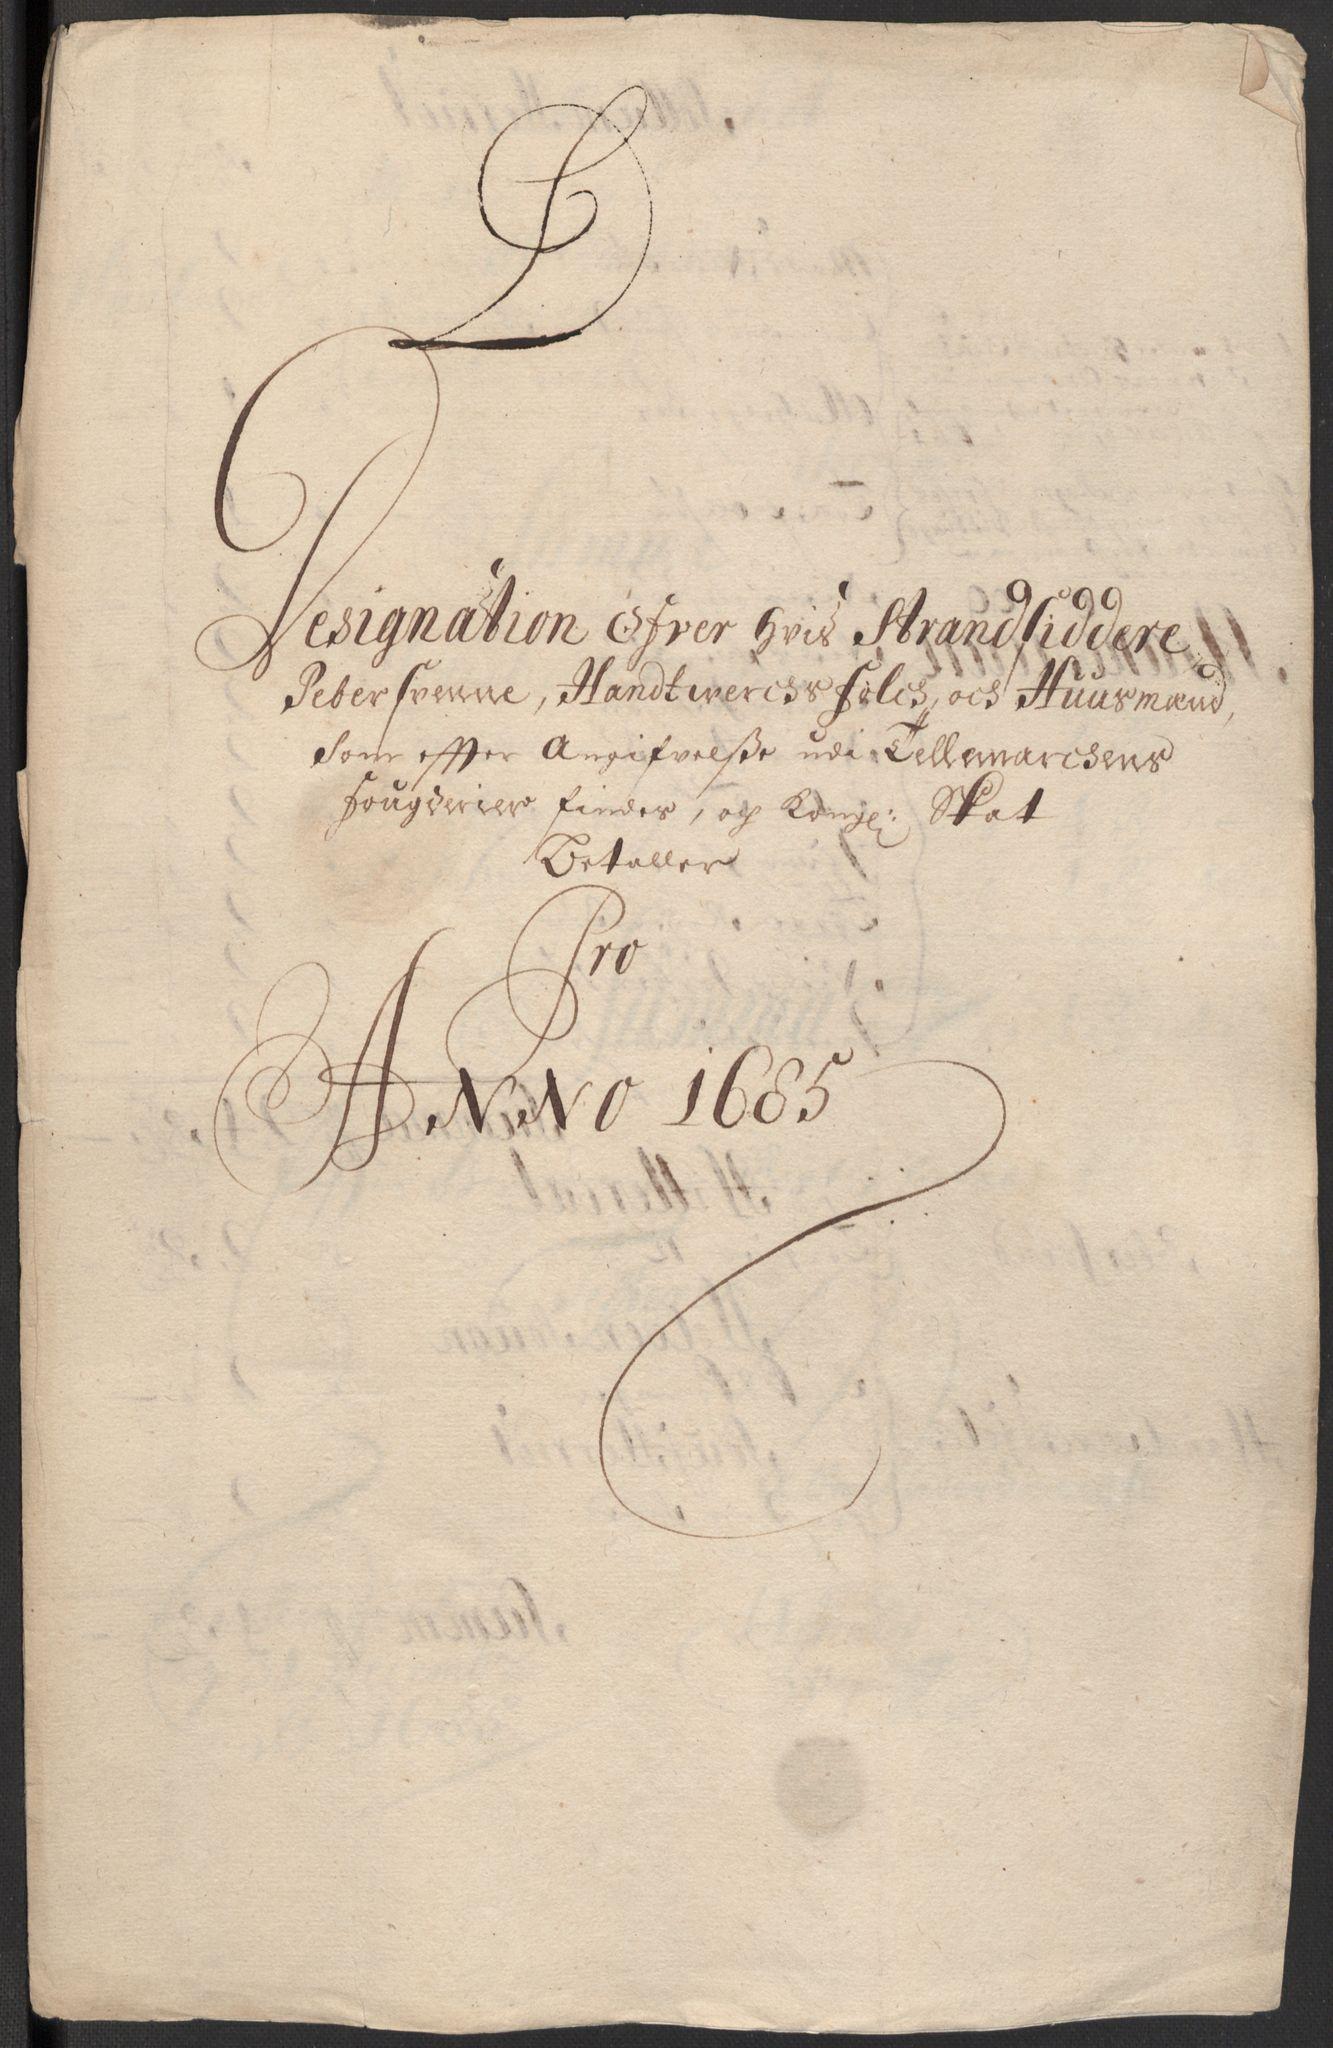 RA, Rentekammeret inntil 1814, Reviderte regnskaper, Fogderegnskap, R35/L2082: Fogderegnskap Øvre og Nedre Telemark, 1685, s. 75